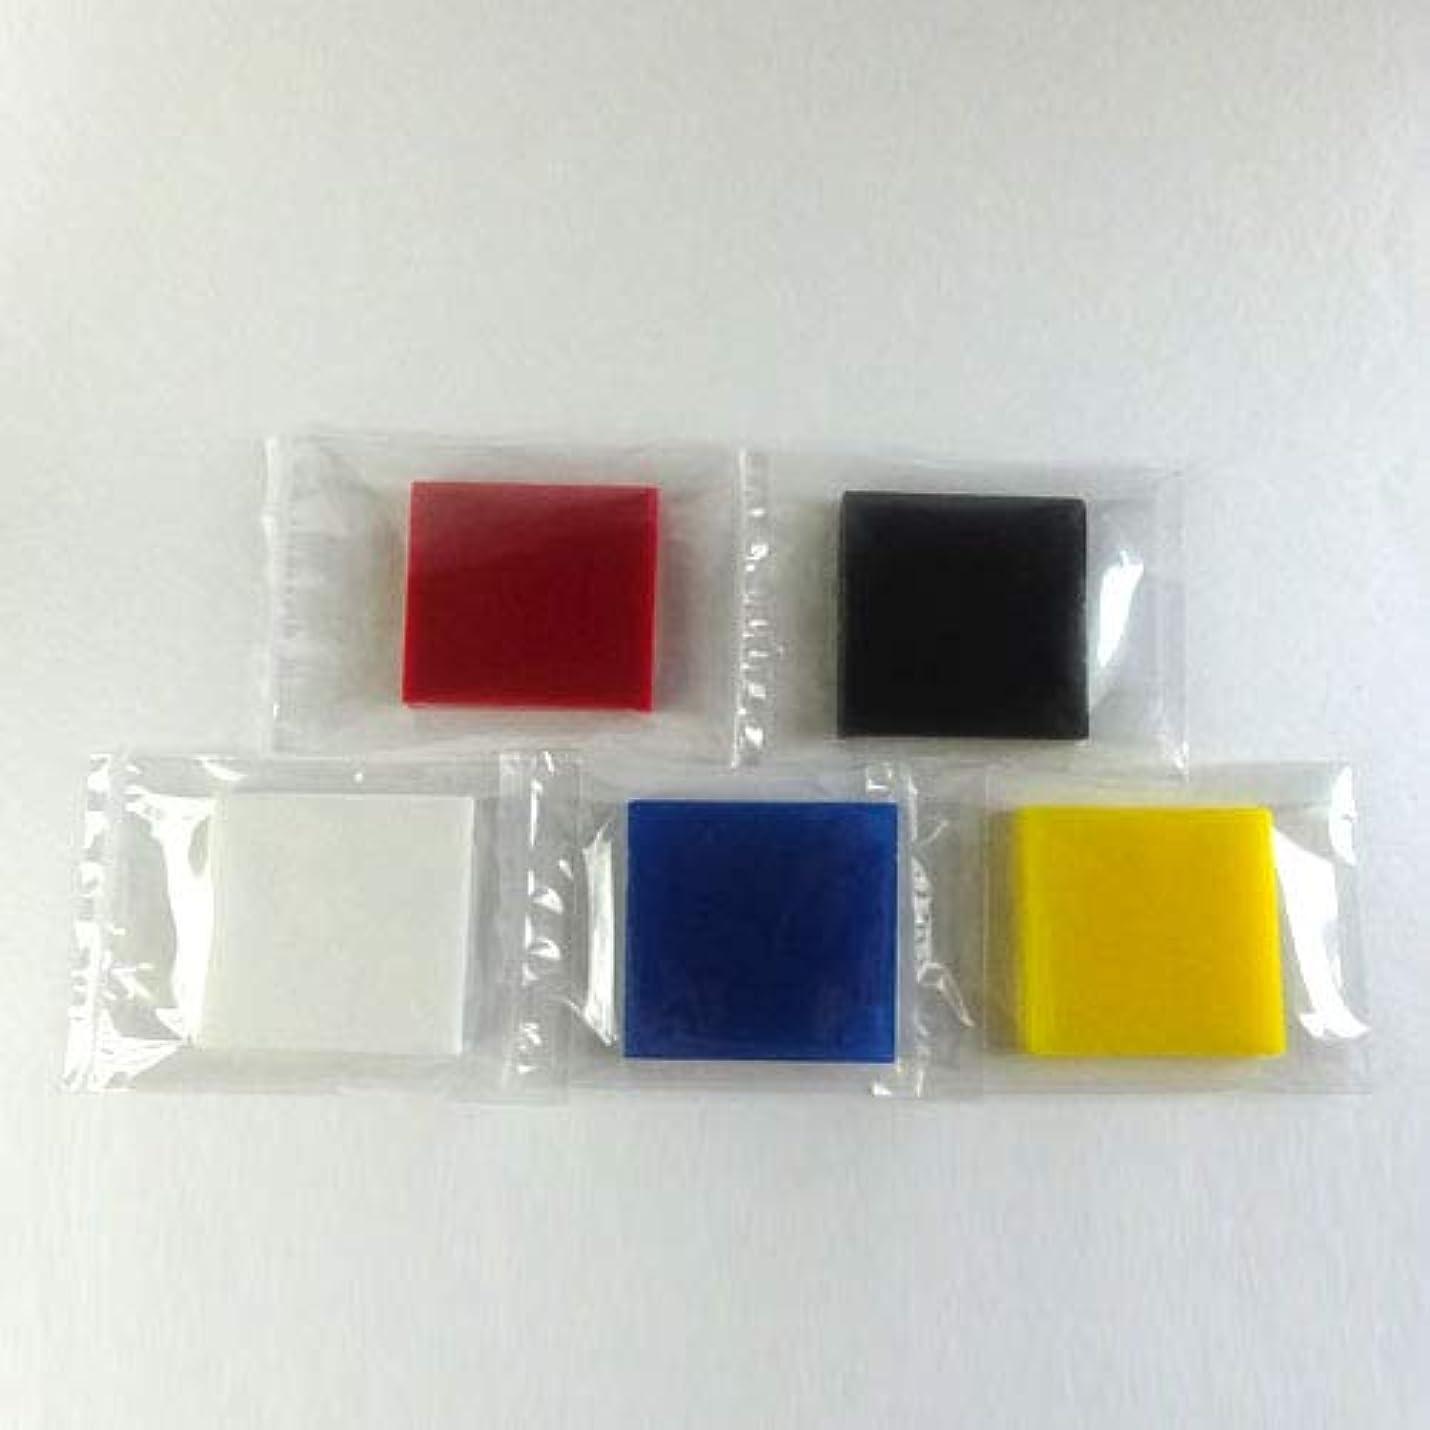 限られたソーダ水犠牲グリセリンソープ MPソープ 色チップ 5色(赤?青?黄?白?黒) 各60g(30g x 2pc)